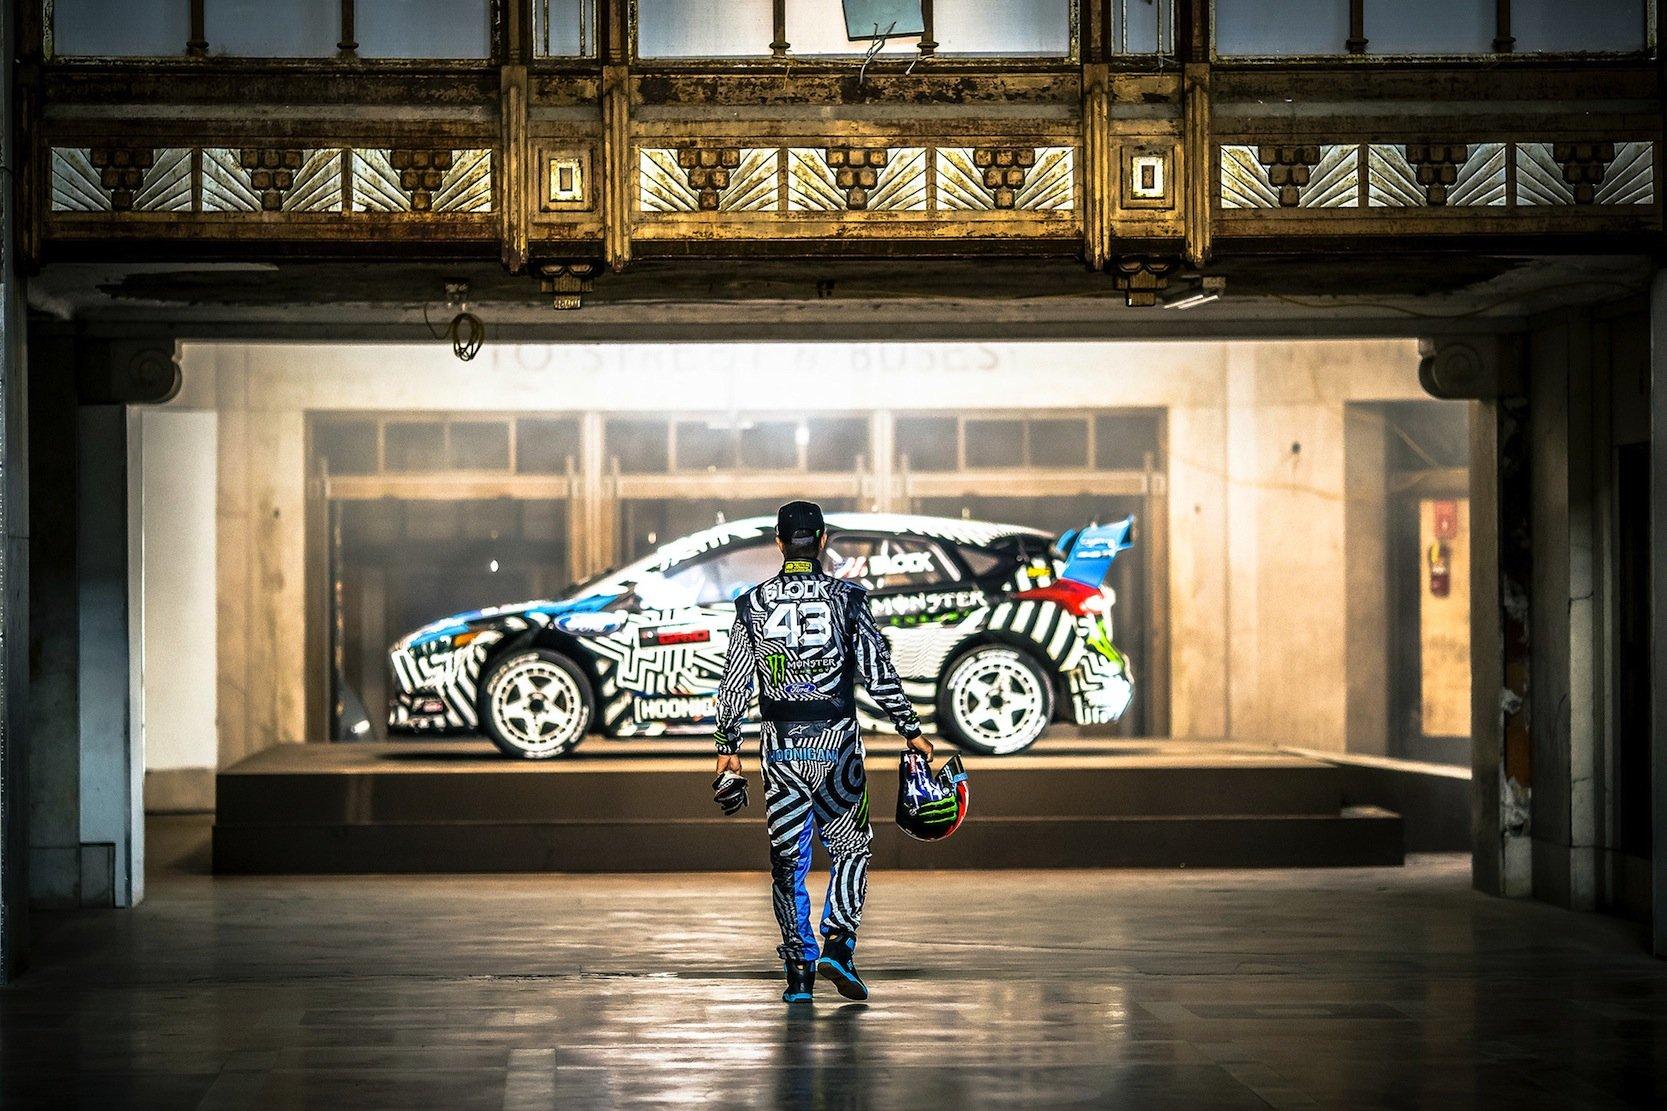 Vorsicht Virtuelle Realität: Hier spaziert Drifter Ken Block auf einen Ford zu. Aber nur in einem virtuellen Video. Ford experimentiert schon länger mit VR-Inhalten und hat eine entsprechende App entwickelt, mit der man Ken Block beim Driften oder einen Ford GT in Le Mans beobachten kann.